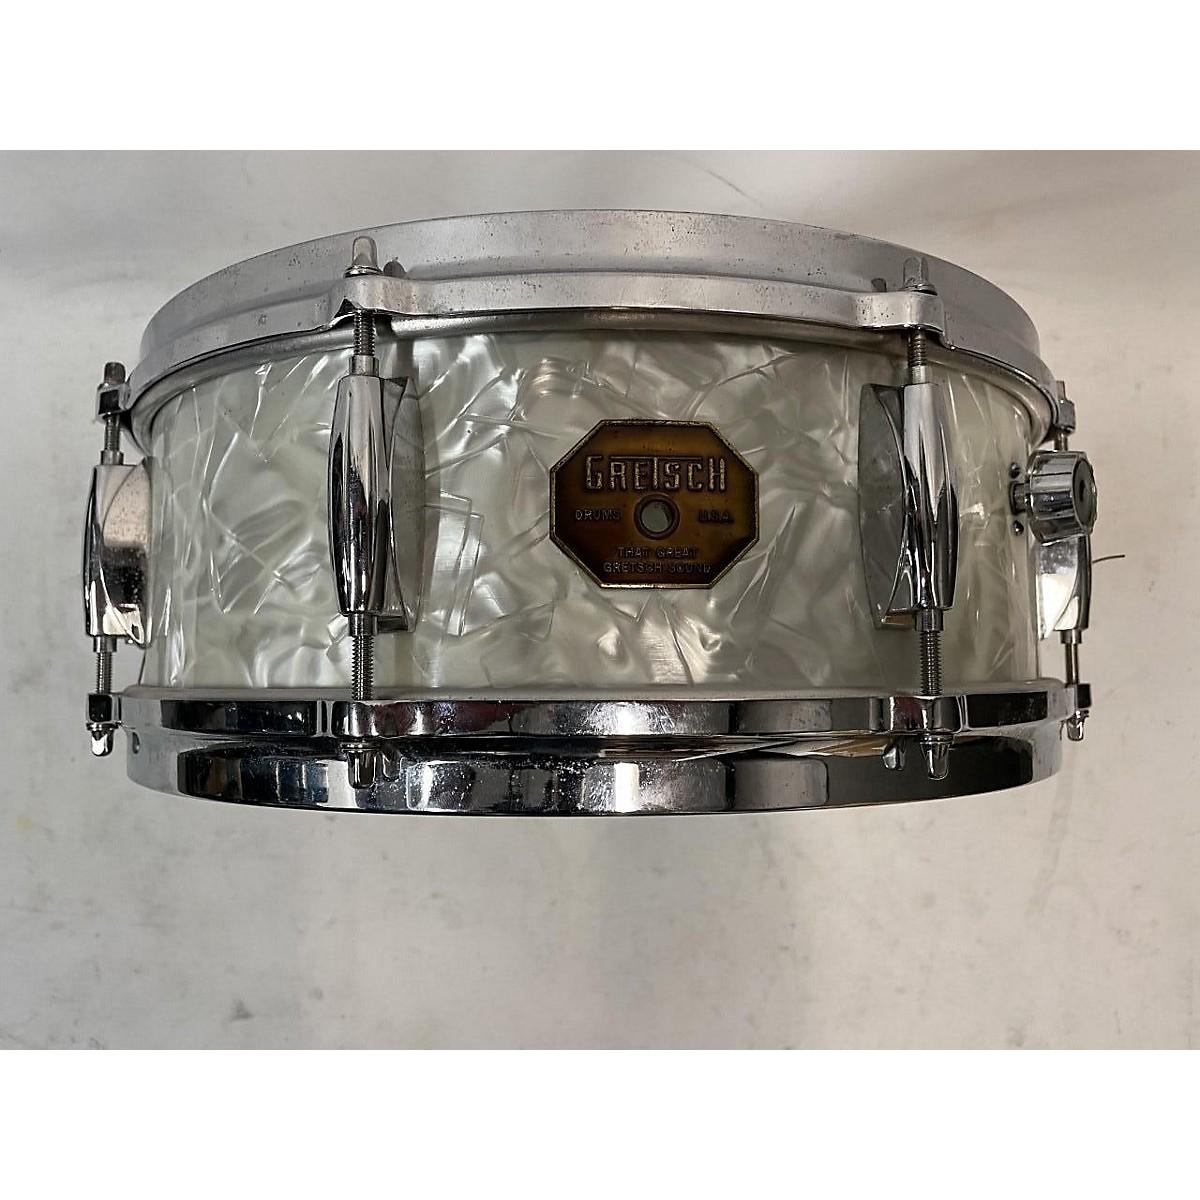 Gretsch Drums 1980s 5X14 4103 SNARE DRUM Drum